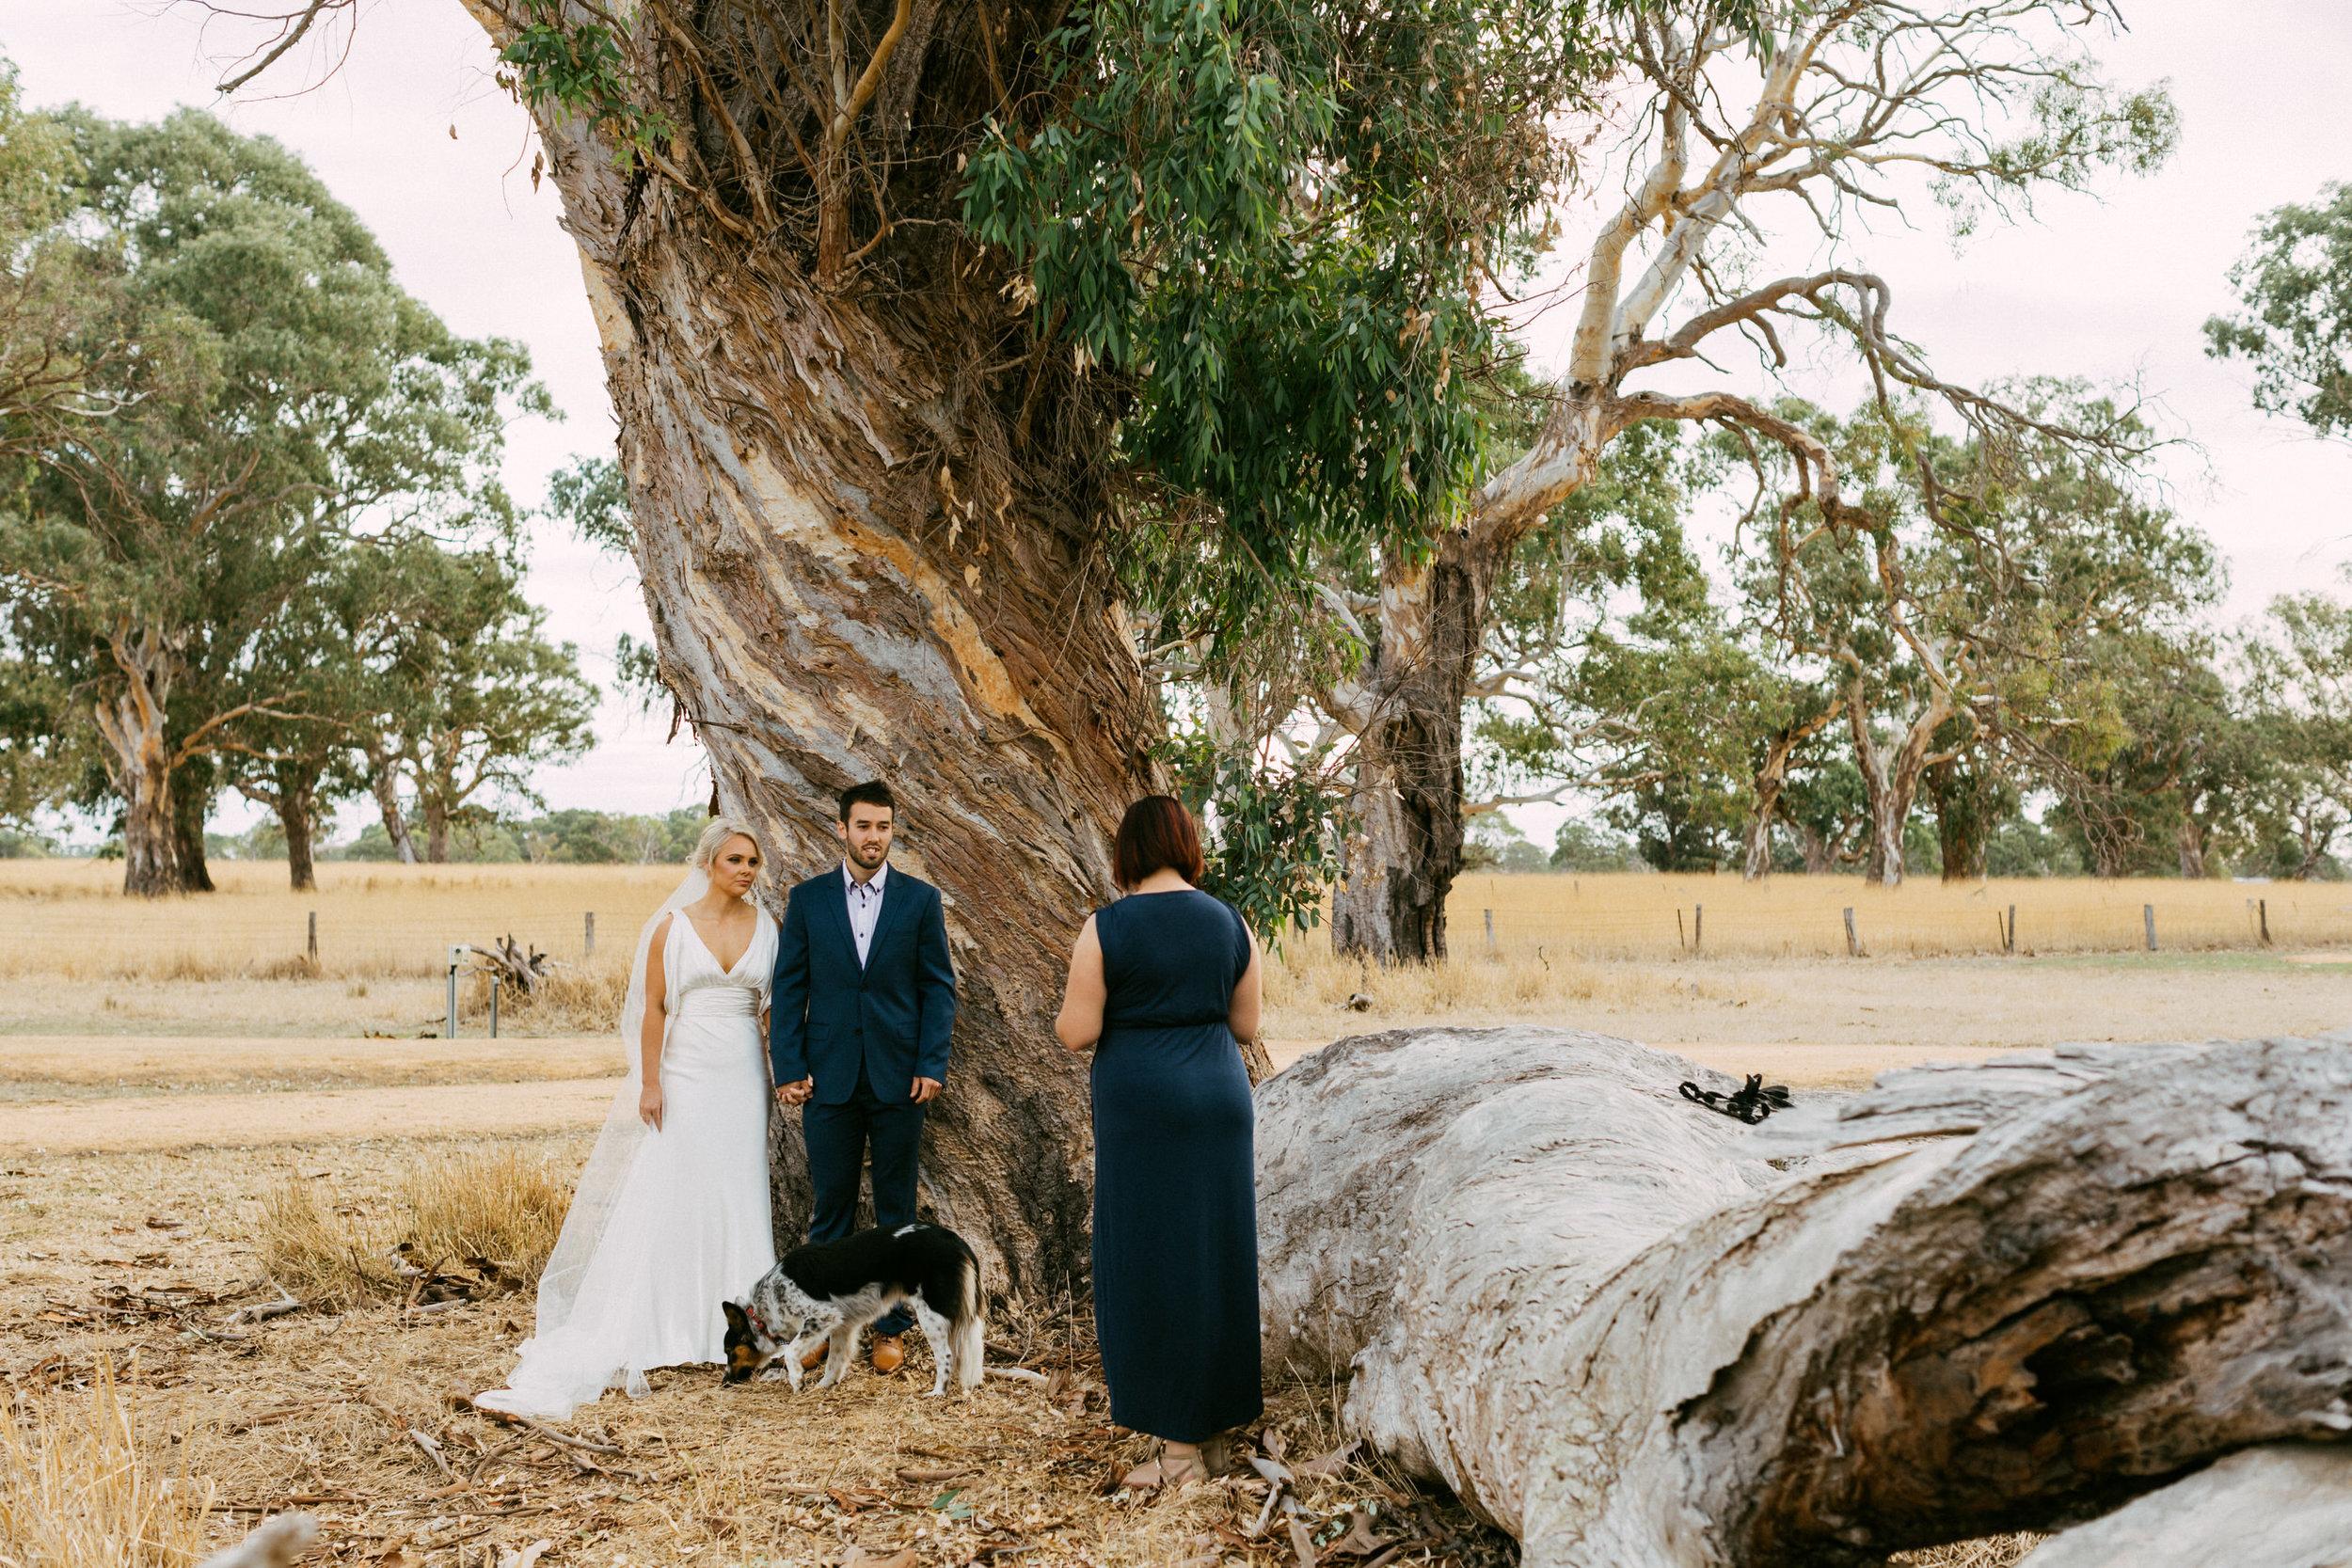 Coonawarra Elopement South Australia 026.jpg